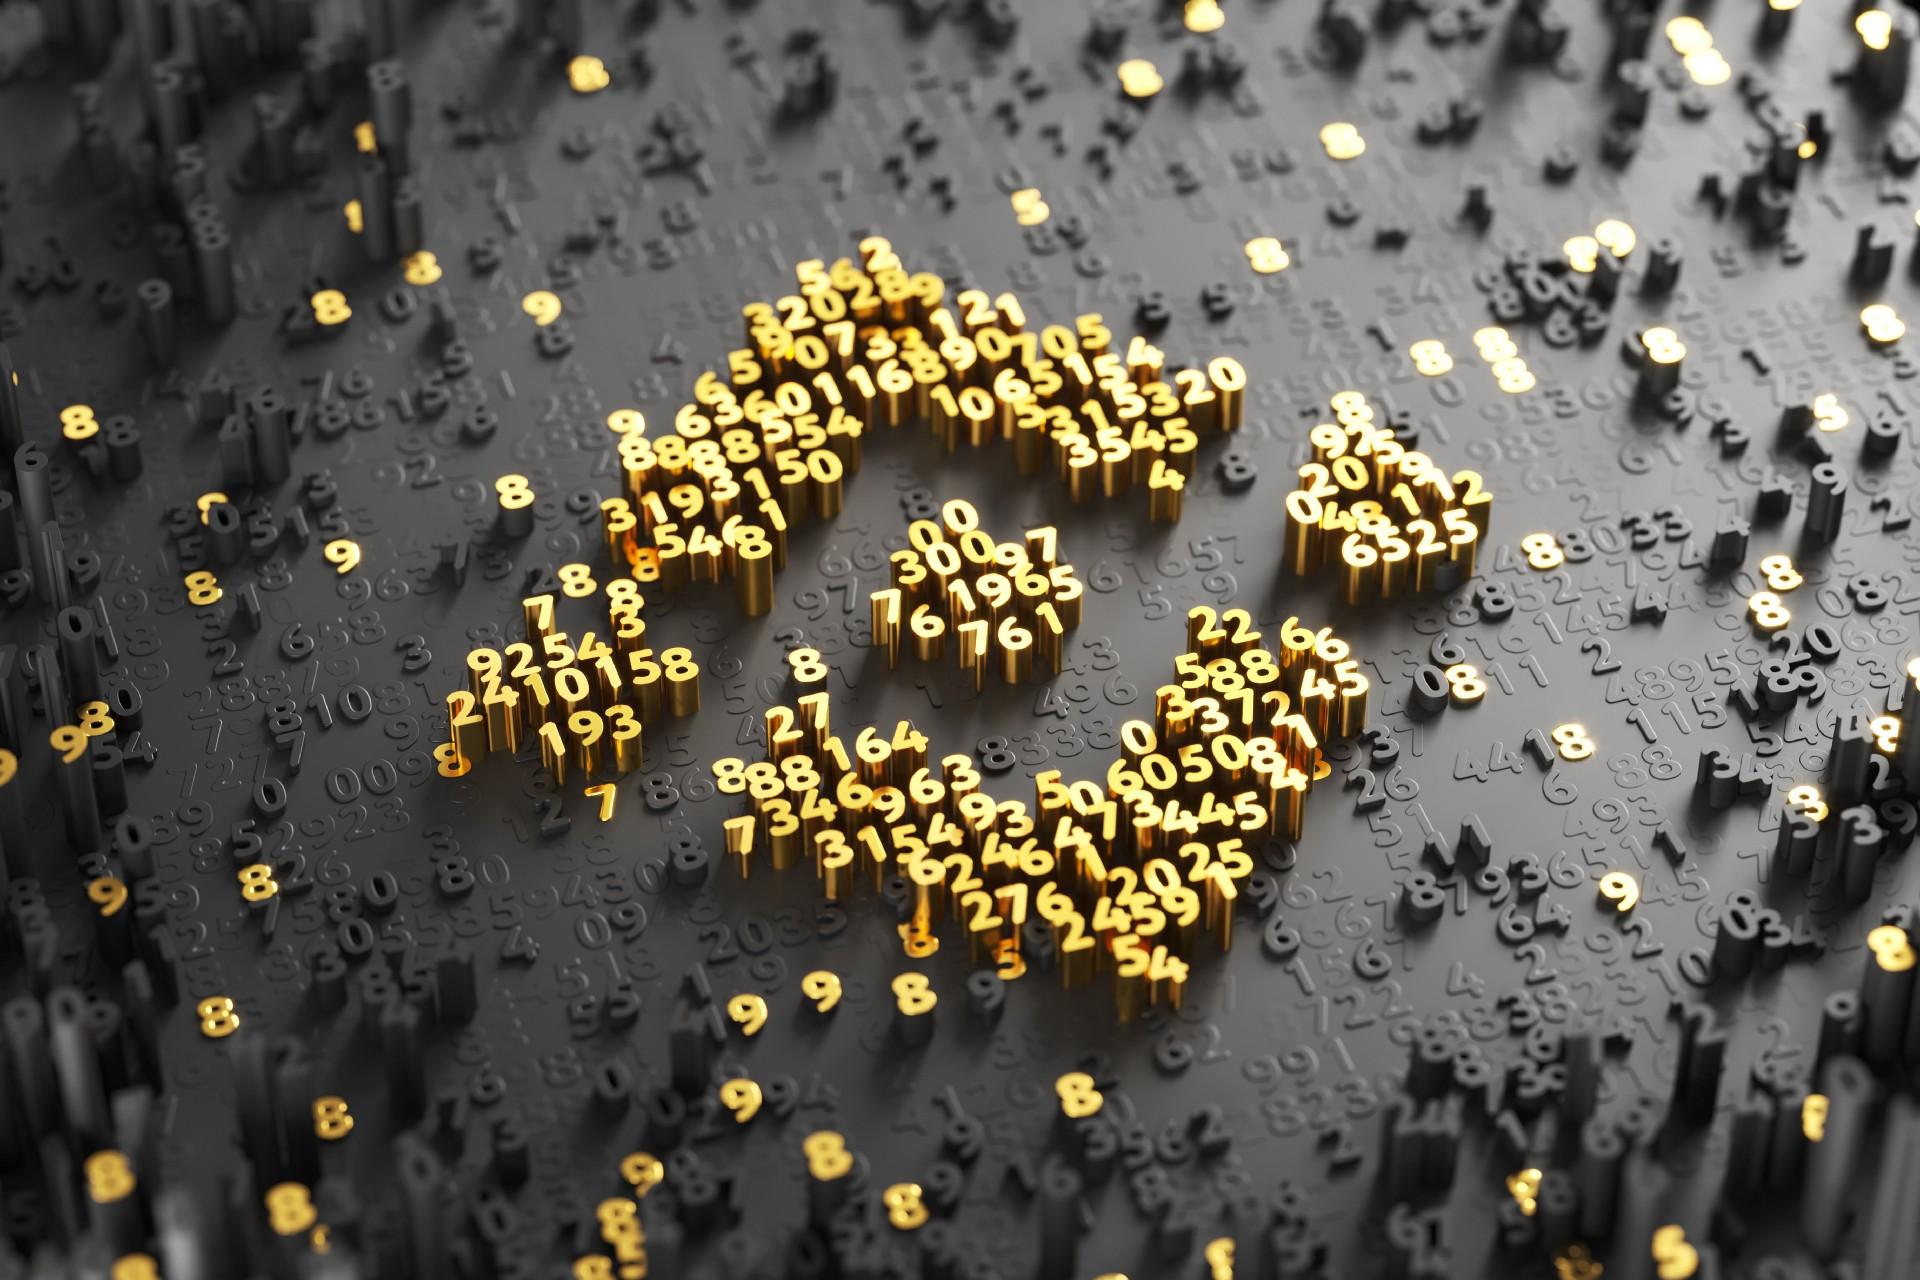 Secondo il Ceo di Binance Changpeng Zhao le ICO sono 100 volte meglio dei Venture Capital - Il Ceo di Binance Changpeng Zhao afferma che le ICO sono 100 volte meglio dei Venture Capital